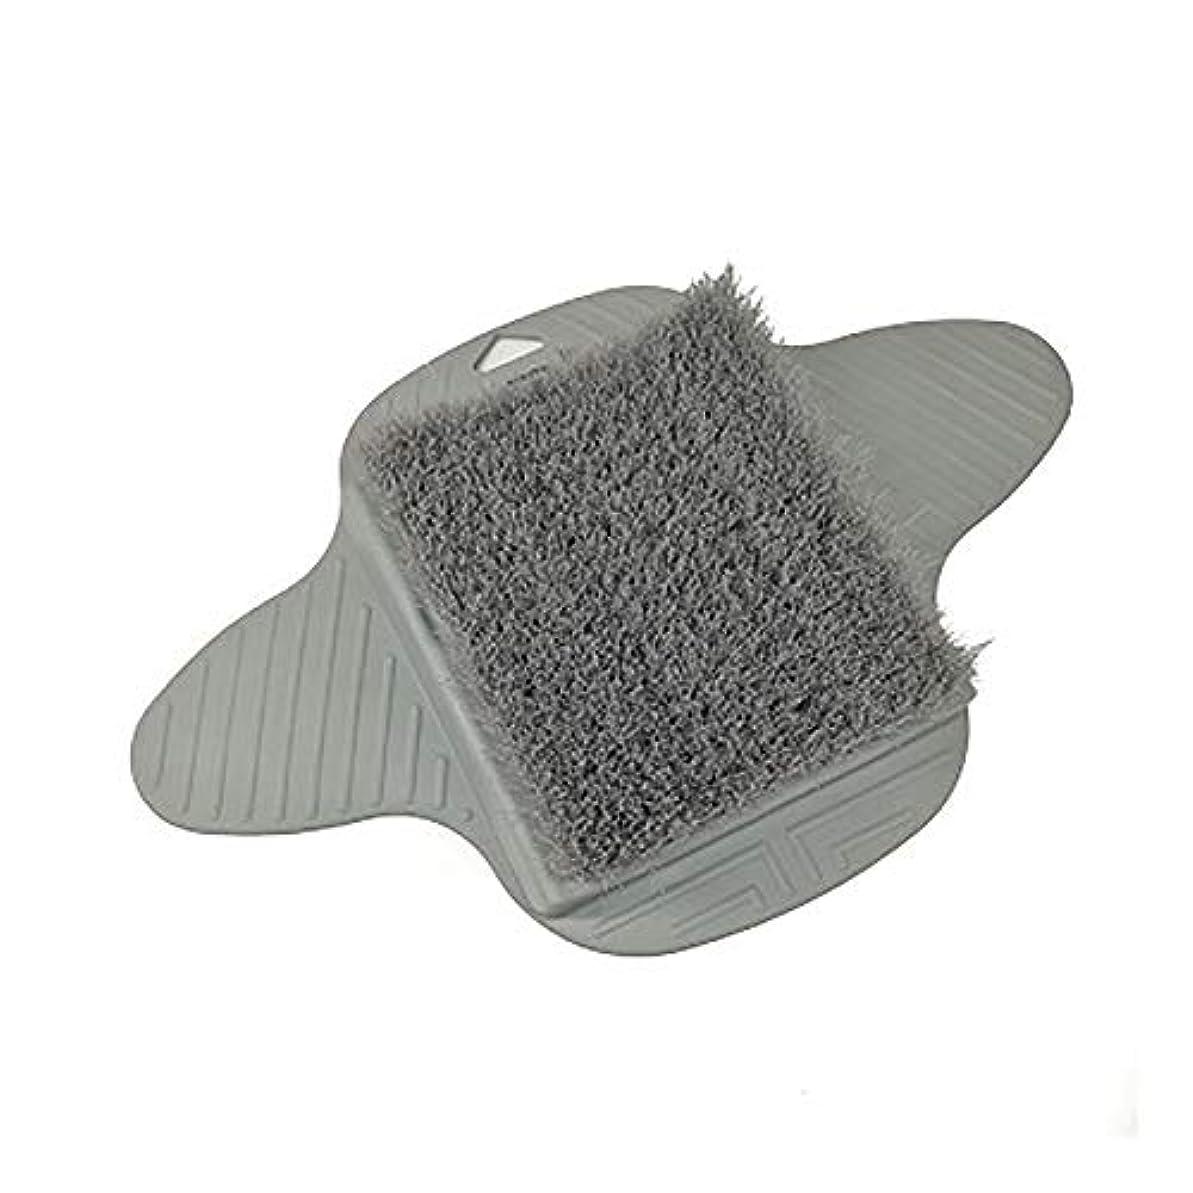 毛布断片完全に乾くフットブラシ、足をこすり、角質除去、角質除去、サクションカップ、やわらかい髪、フットマッサージブラシ、フットクリーニングツール (グレー)